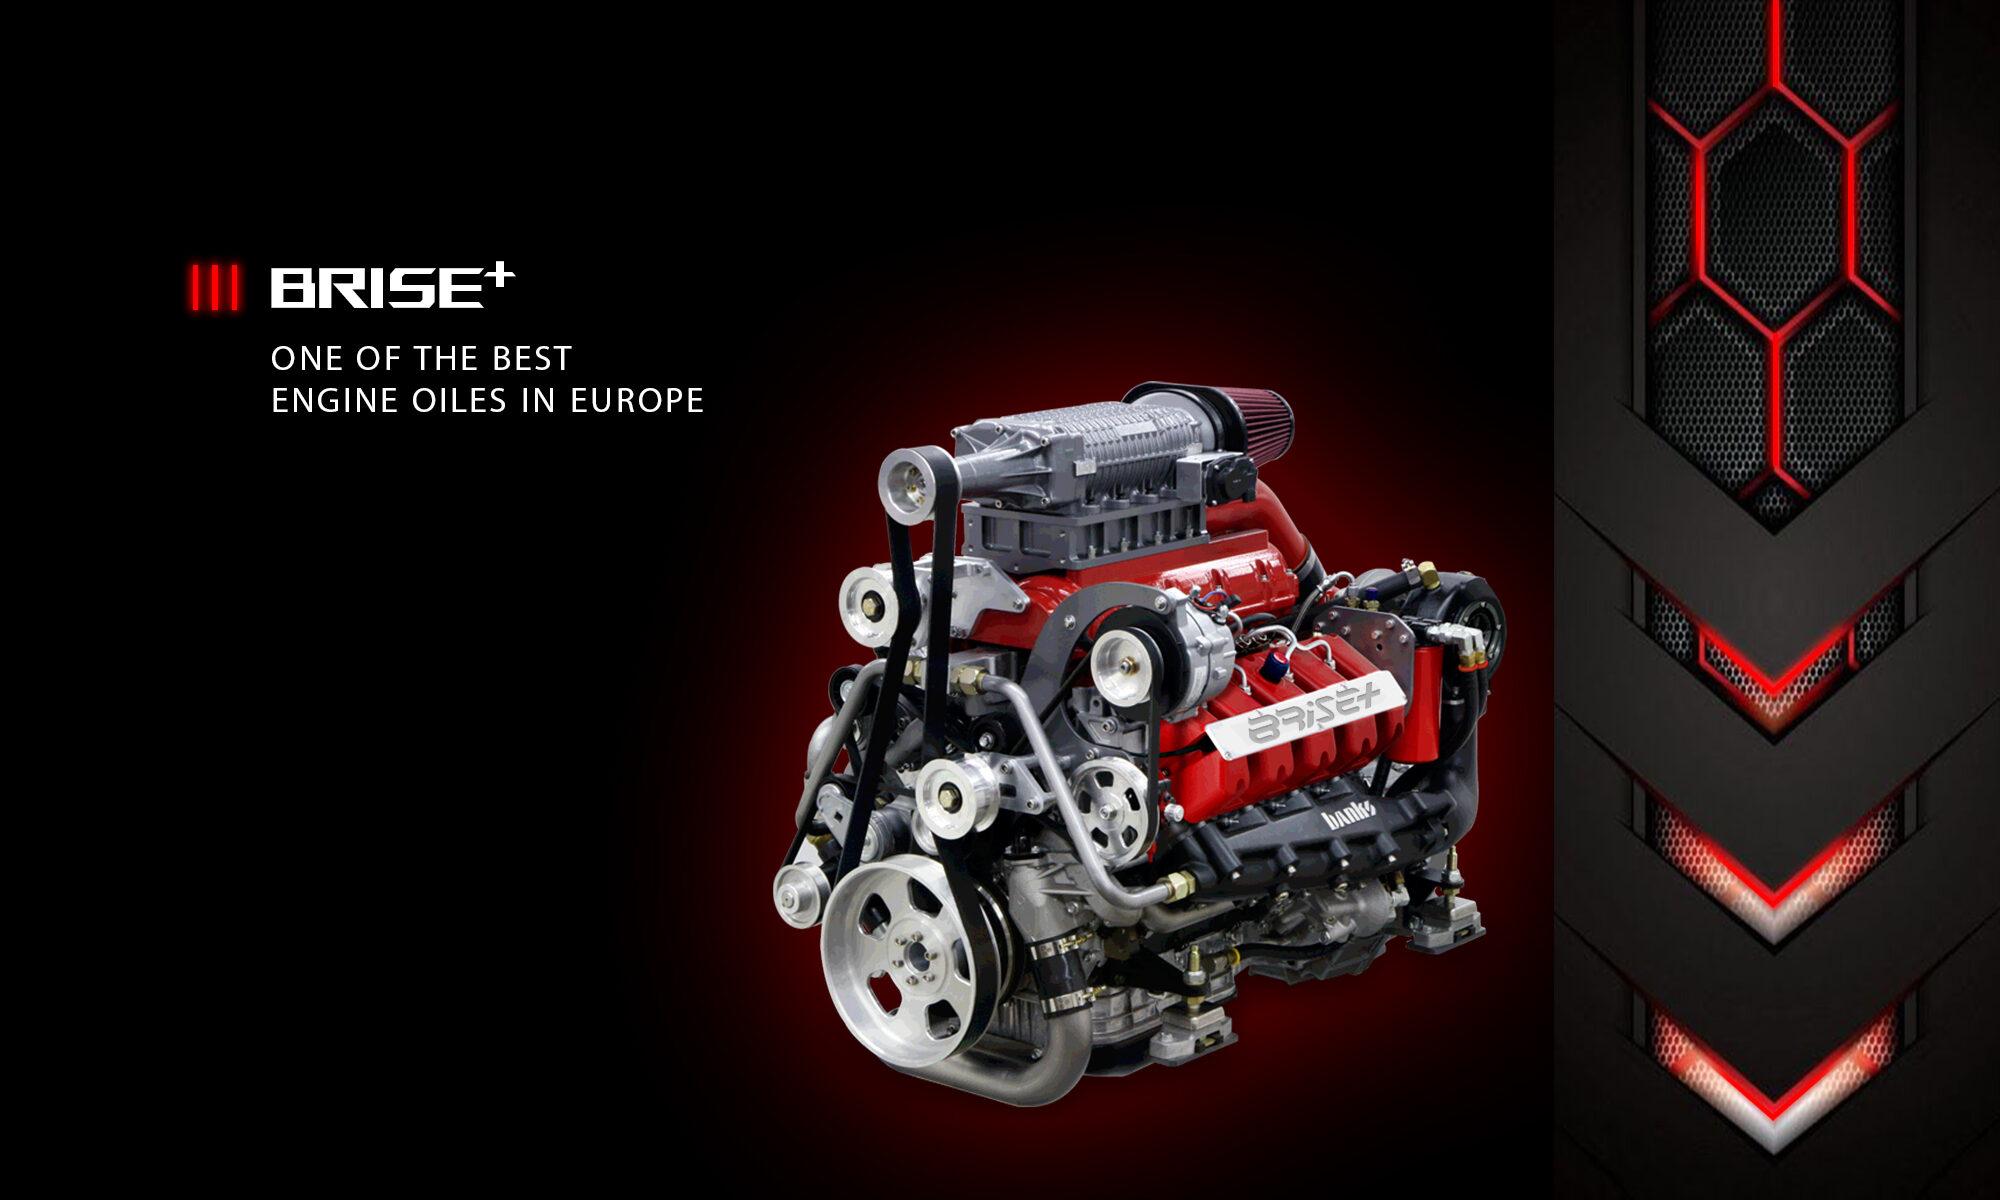 BRISE PLUS & RED ENGINE OIL